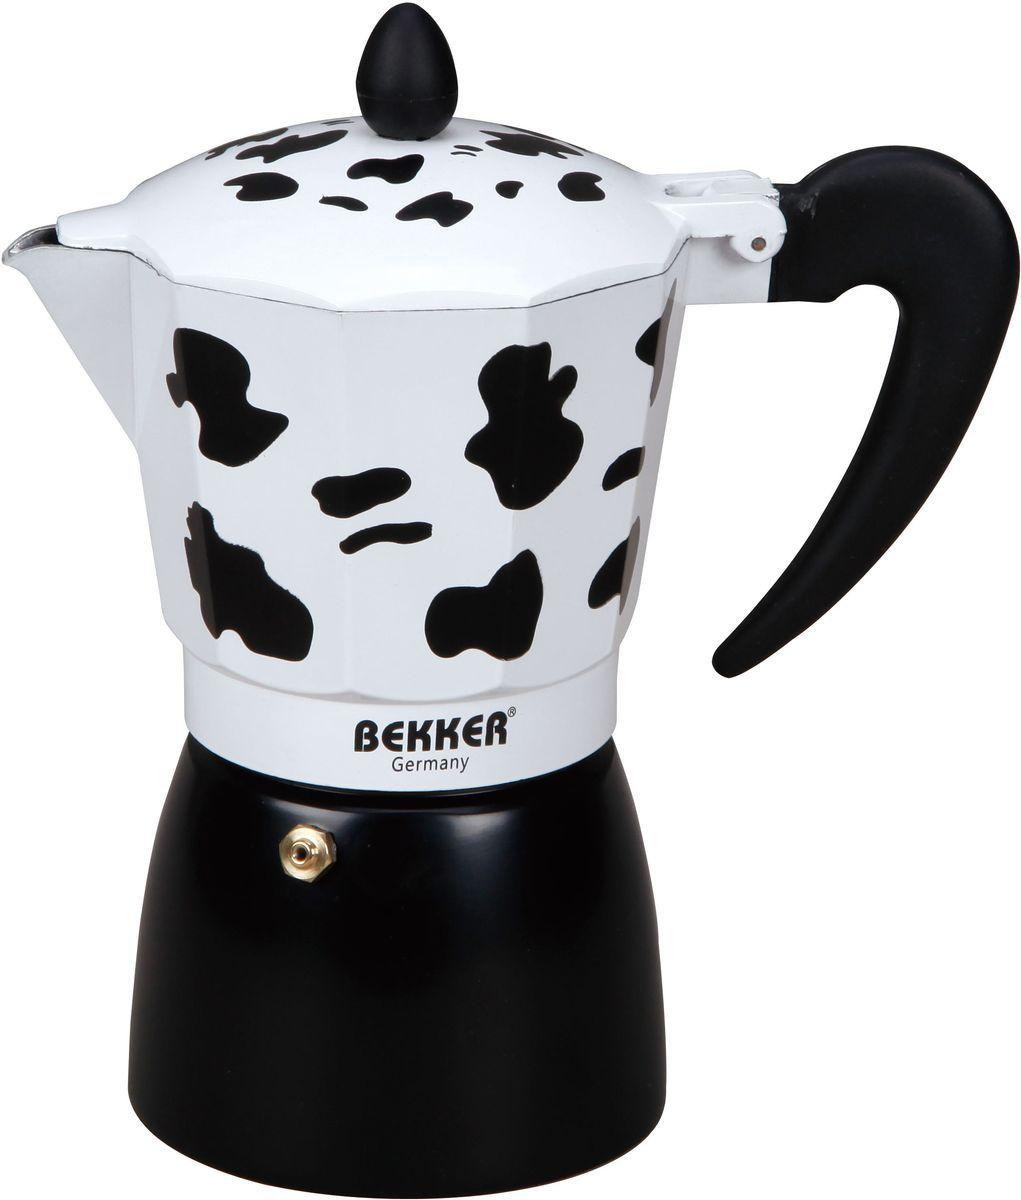 Кофеварка гейзерная Bekker, 450 мл. BK-9355BK-9355Гейзерная кофеварка Bekker позволит вам приготовить ароматный напиток за короткое время. Корпус кофеварки изготовлен из высококачественного алюминия. Кофеварка состоит из двух соединенных между собой емкостей и снабжена алюминиевым фильтром. Удобная ручка выполнена из прочного пластика. Данная модель предельно проста в использовании, в ней отсутствуют подвижные части и нагревательные элементы, поэтому в ней нечему ломаться. Гейзерные кофеварки являются самыми популярными в мире и позволяют приготовить ароматный кофе за считанные минуты. Основной принцип действия гейзерной кофеварки состоит в том, что напиток заваривается путем прохождения горячей воды через слой молотого кофе. В нижнюю часть гейзерной кофеварки заливается вода, в промежуточную часть засыпается молотый кофе, кофеварка ставится на огонь или электрическую плиту. Закипая, вода начинает испаряться и превращается в пар. Избыточное давление пара в нижней части кофеварки выдавливает...